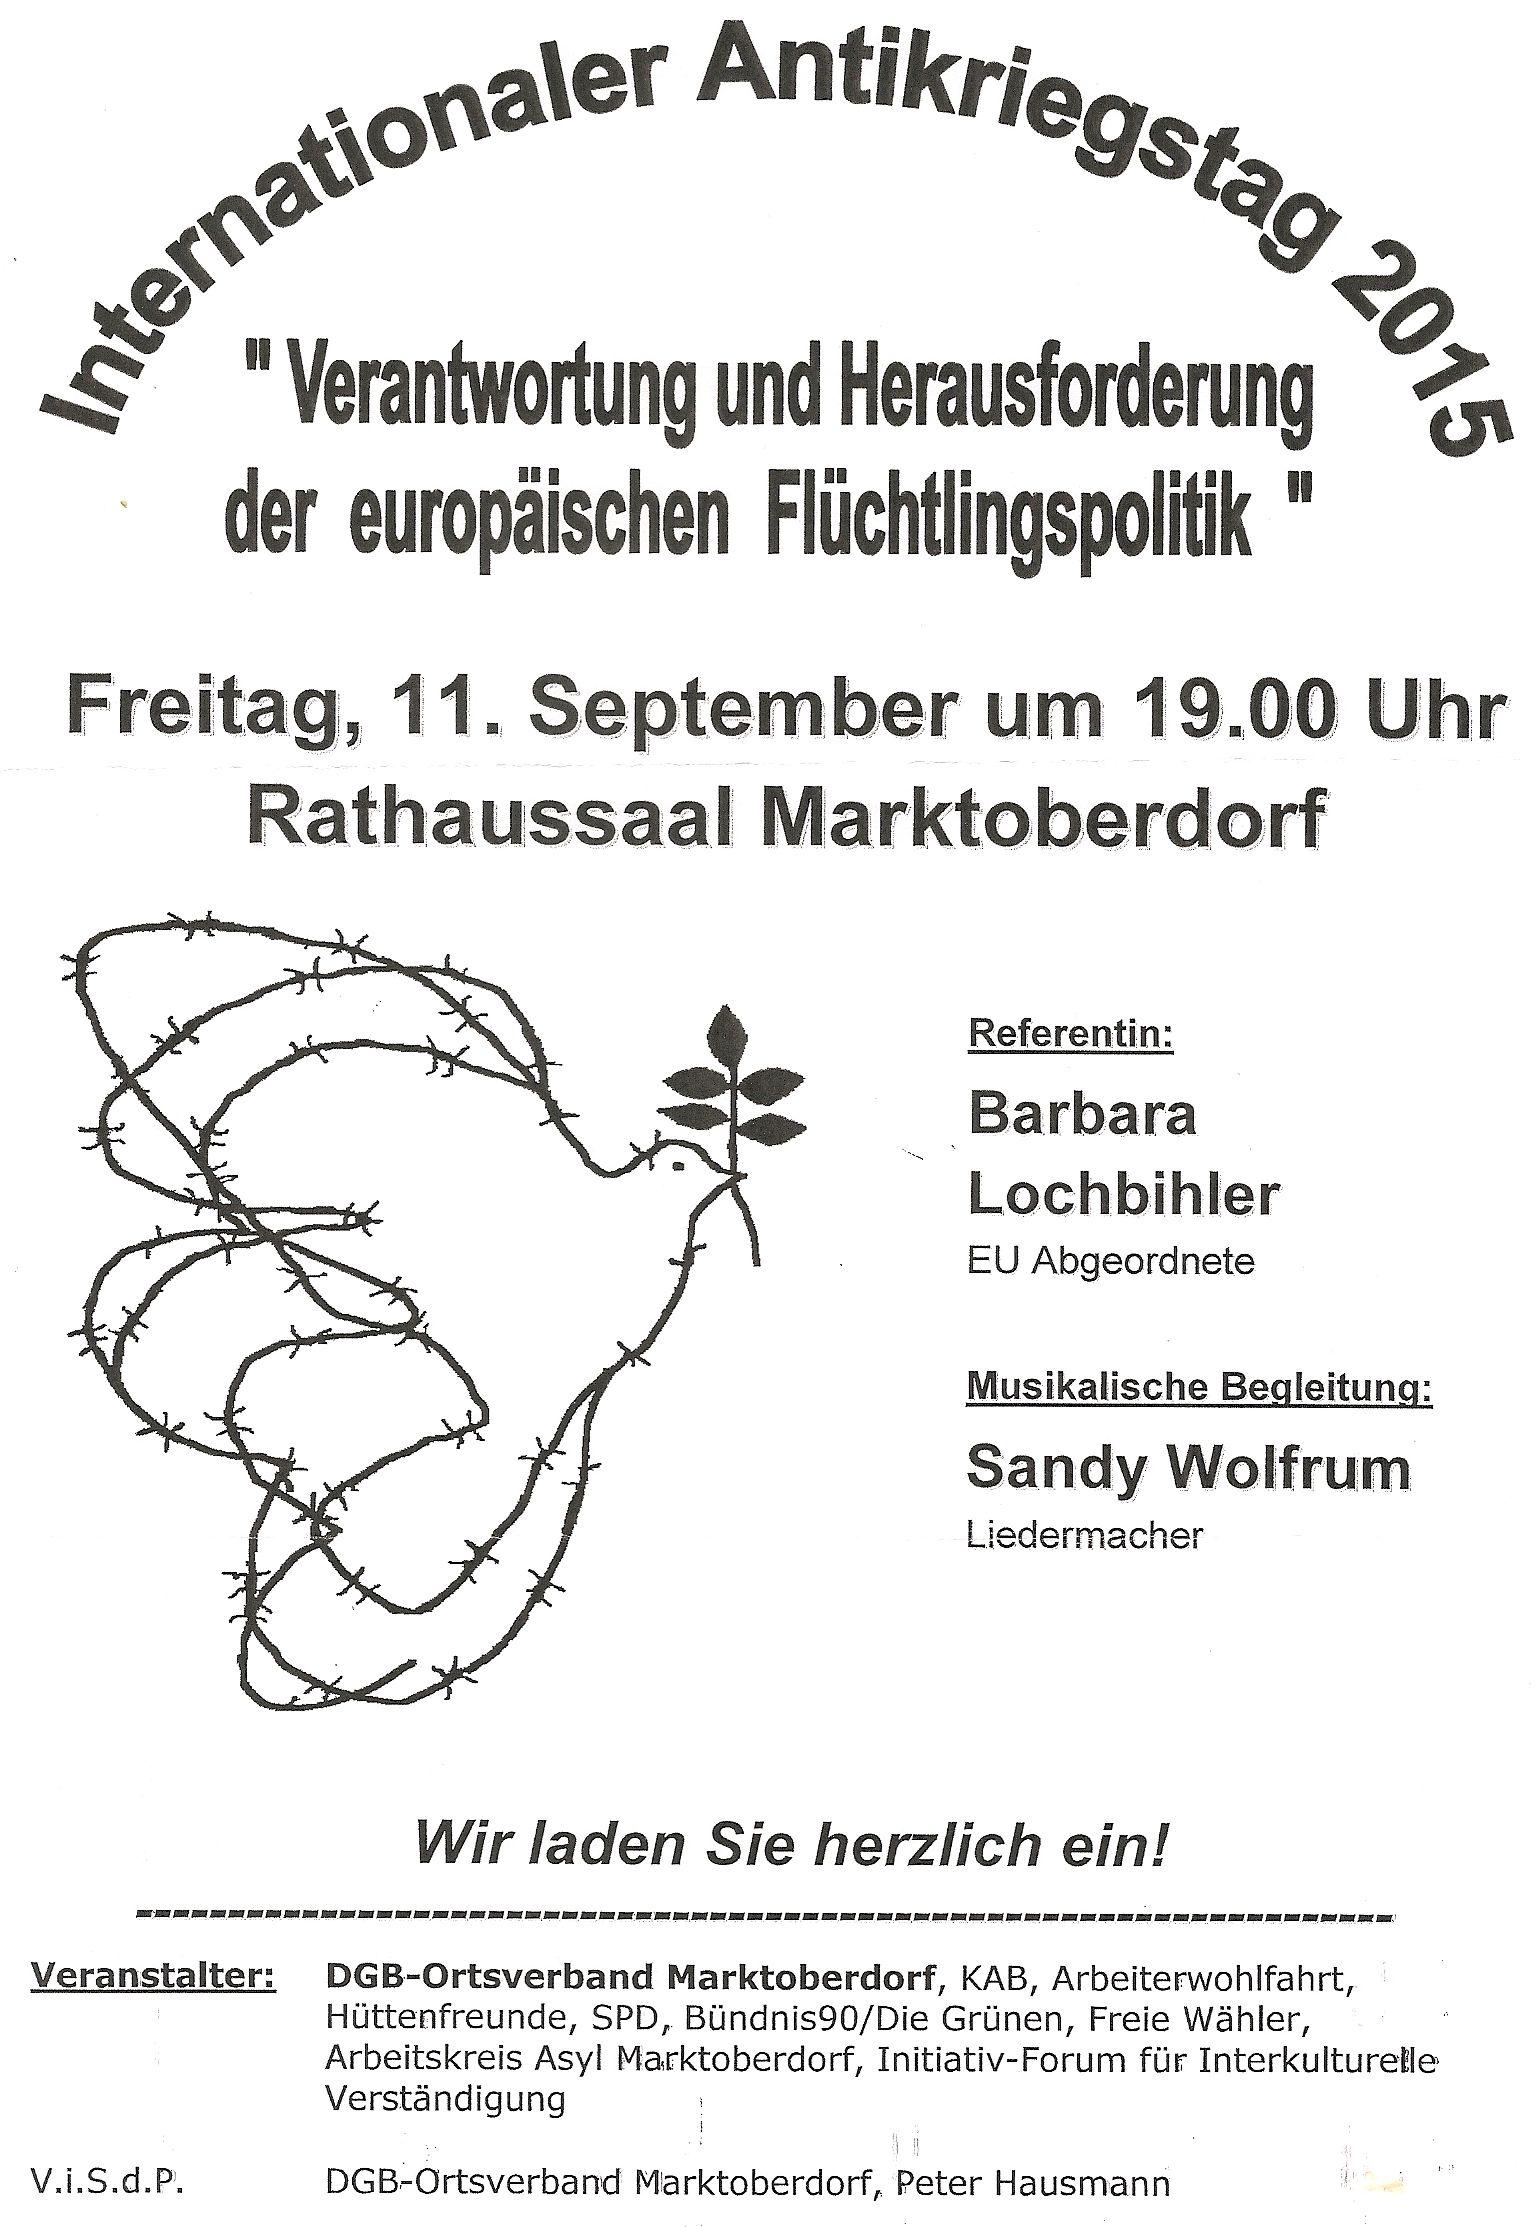 15_09_03 Plakat Antikriegstag